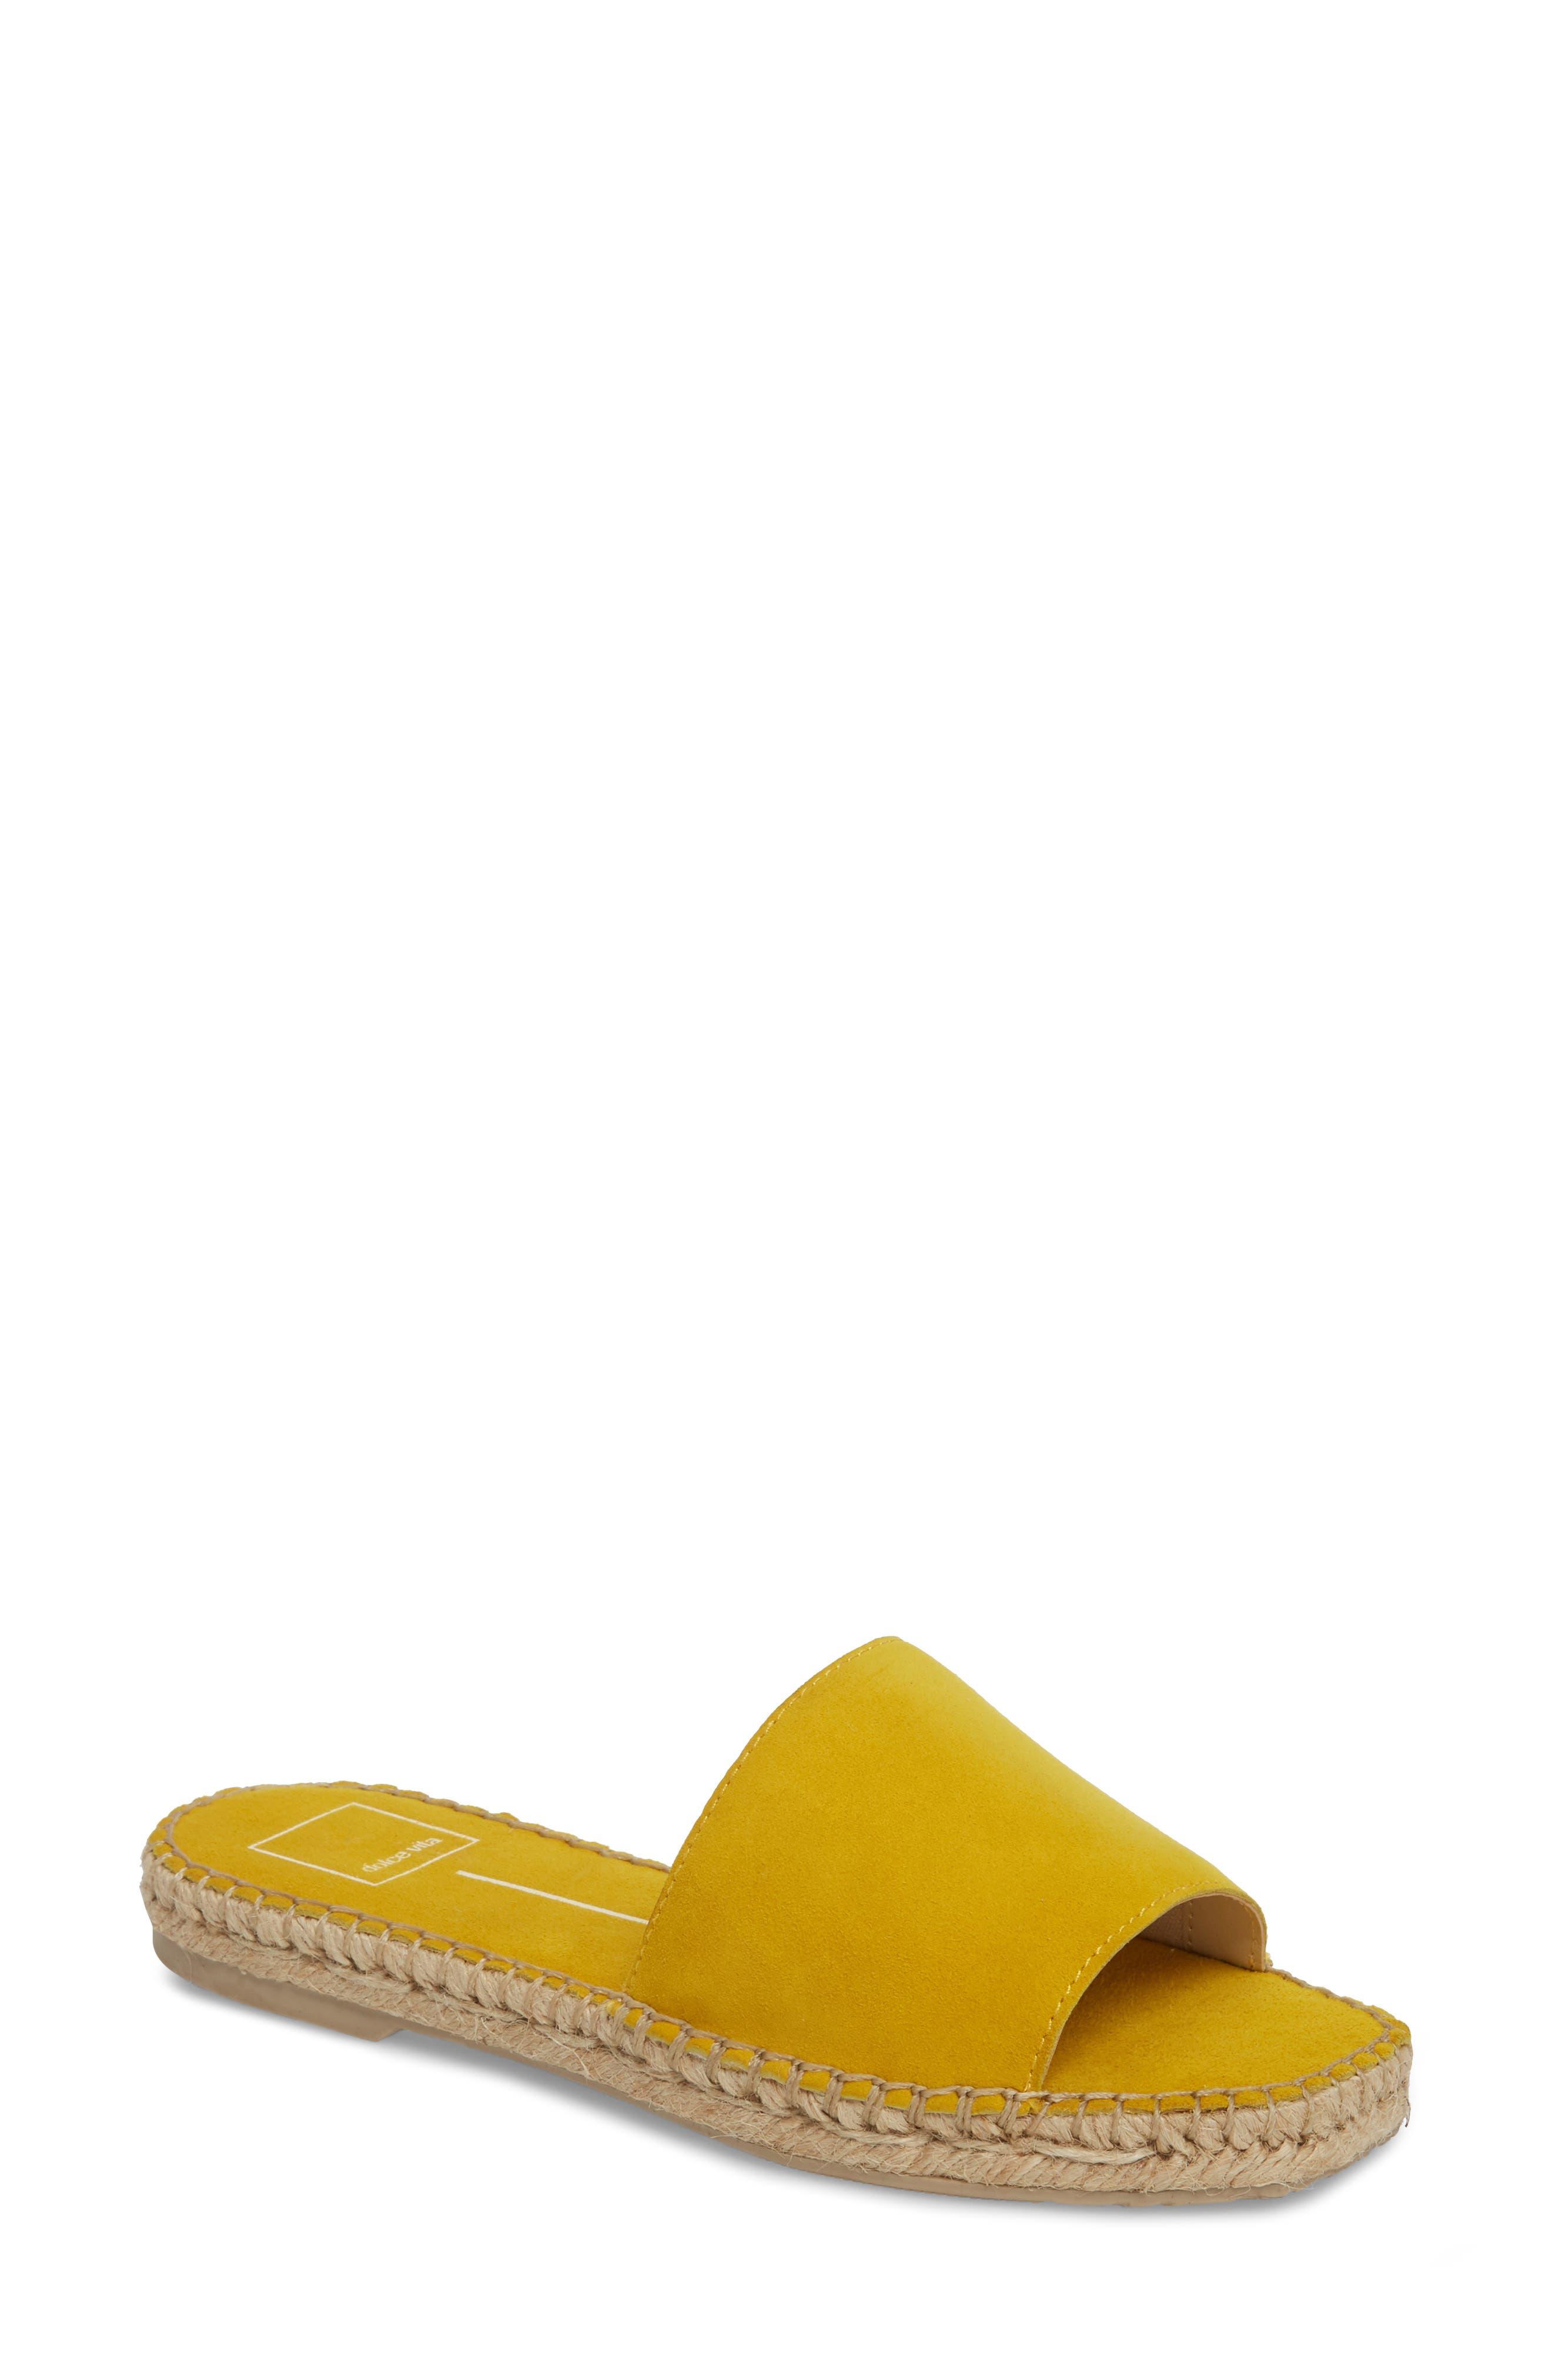 Dolce Vita Bobbi Espadrille Slide Sandal (Women)